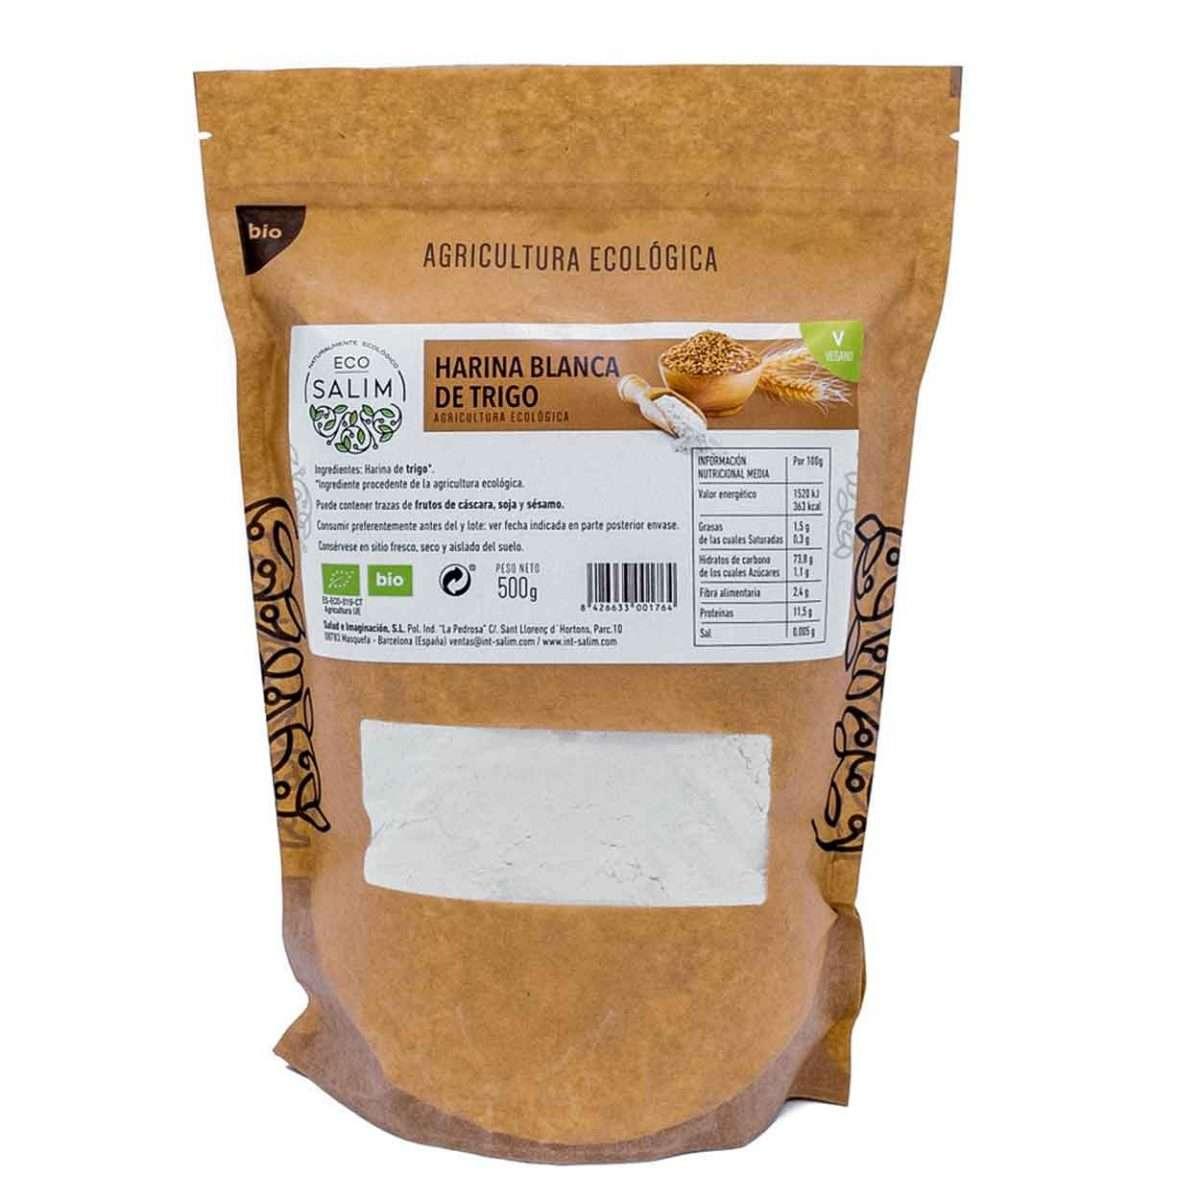 Harina blanca de trigo Ecológica Eco Salim 500gr